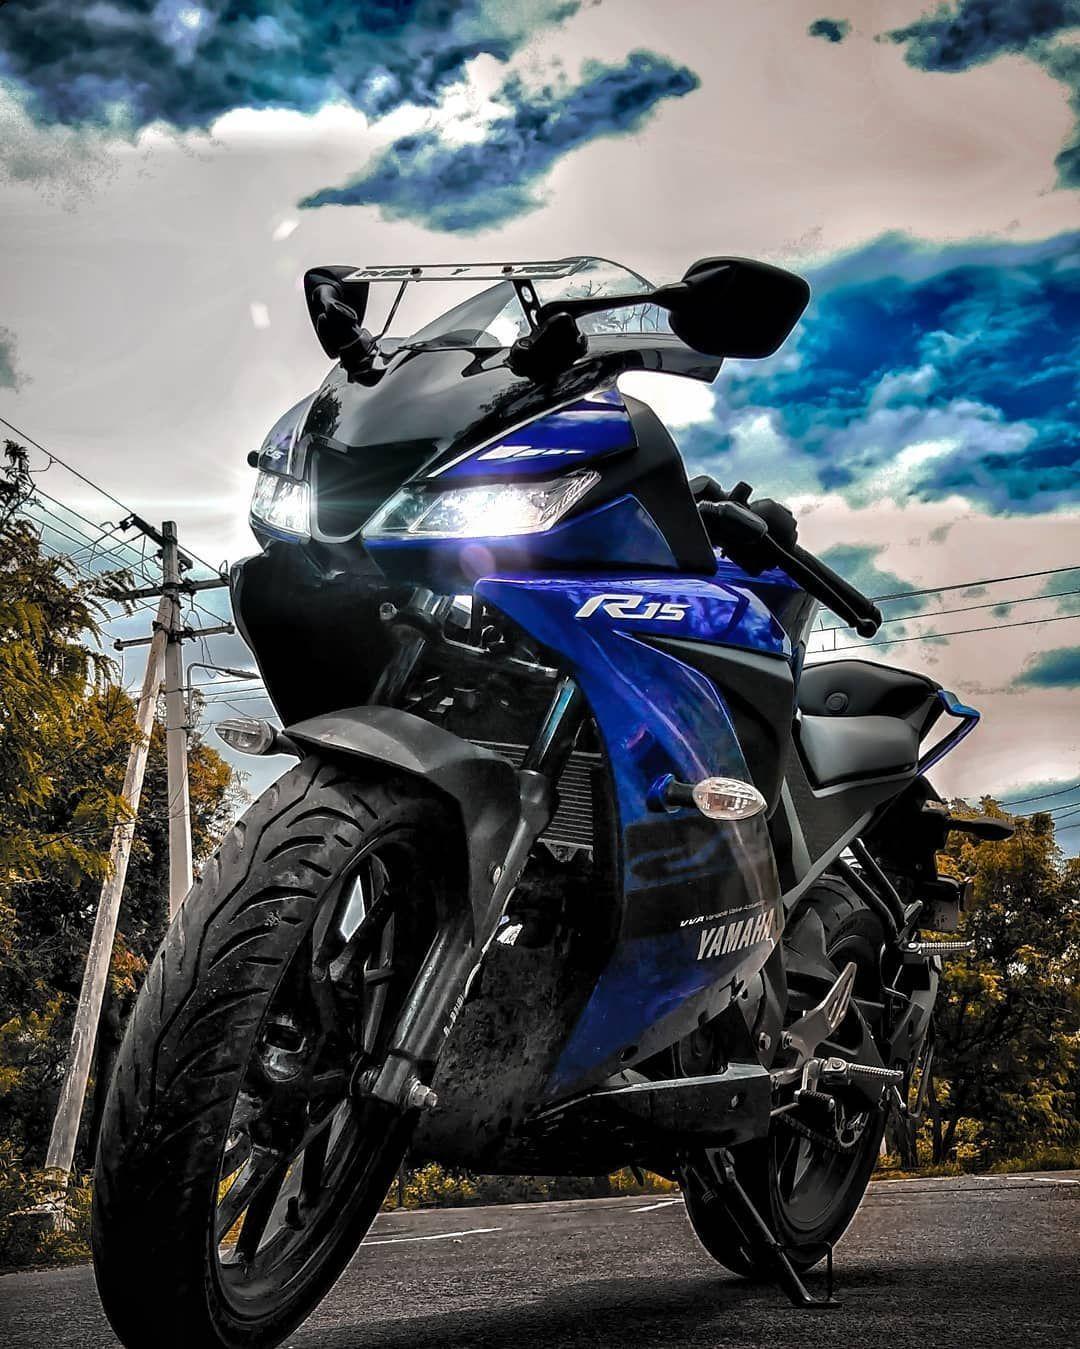 Gambar Yamaha R15 V3 kualitas HD - 5